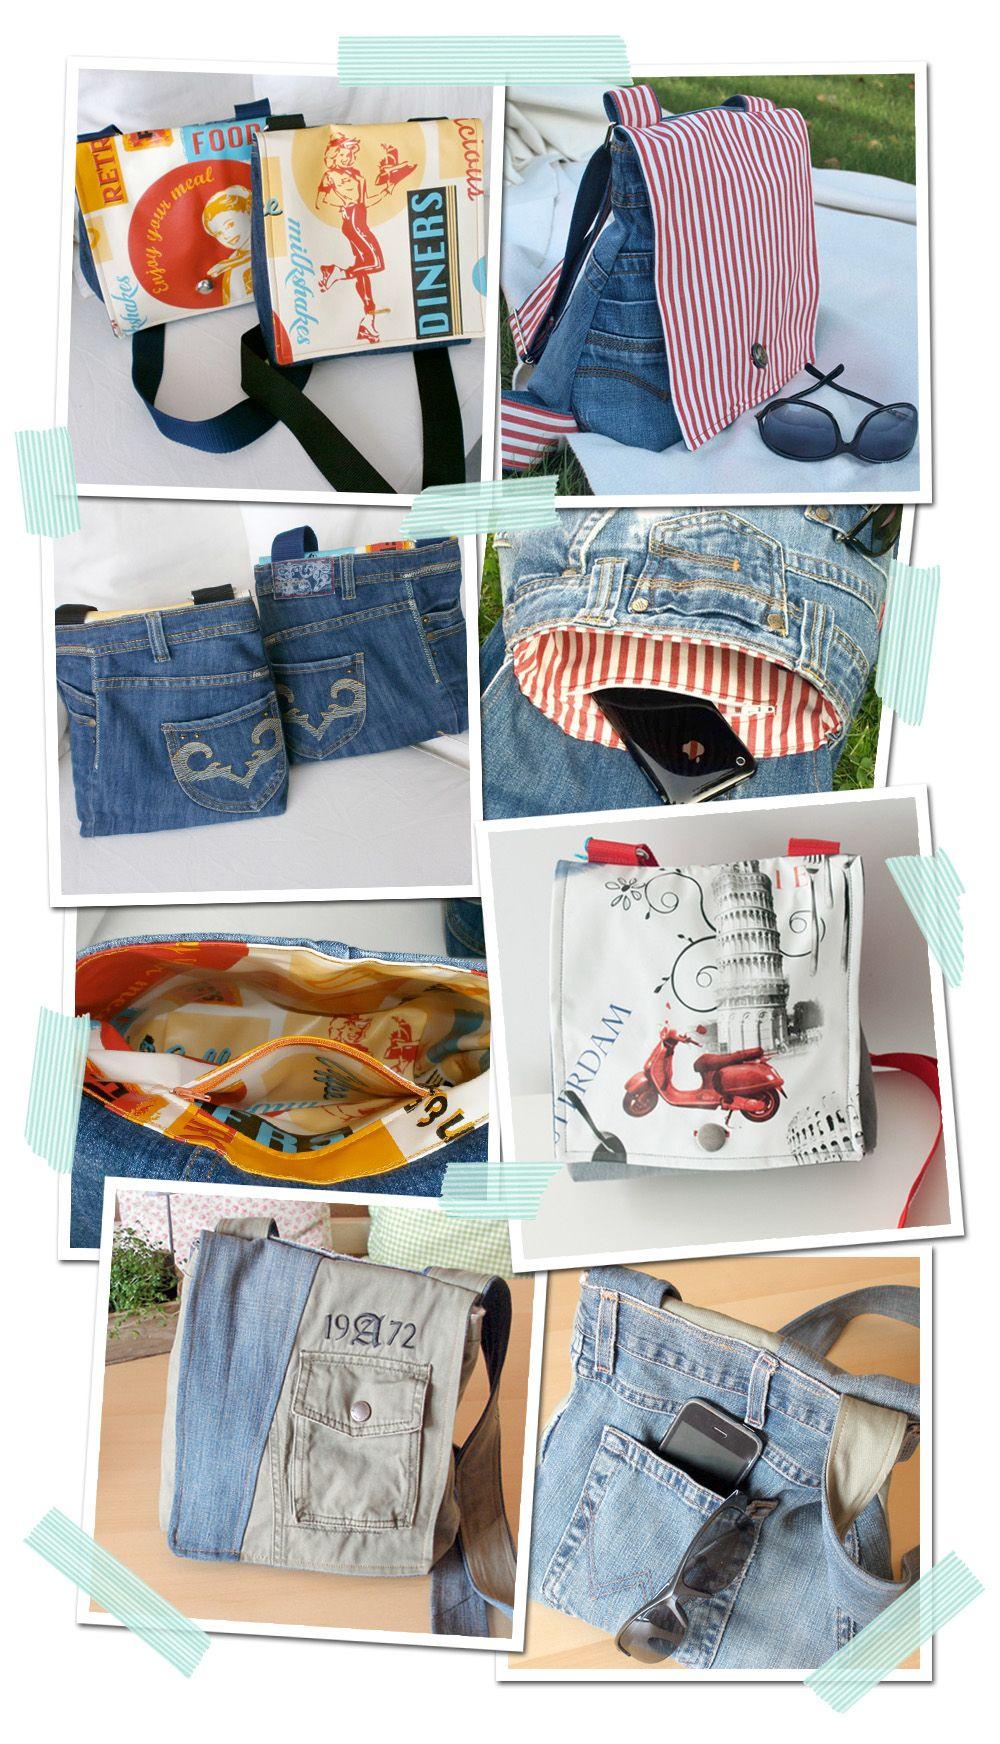 ccb6b4fbda20 Nähanleitung für eine Jeans-Tasche - Upcycling   Craft, Upcycling ...